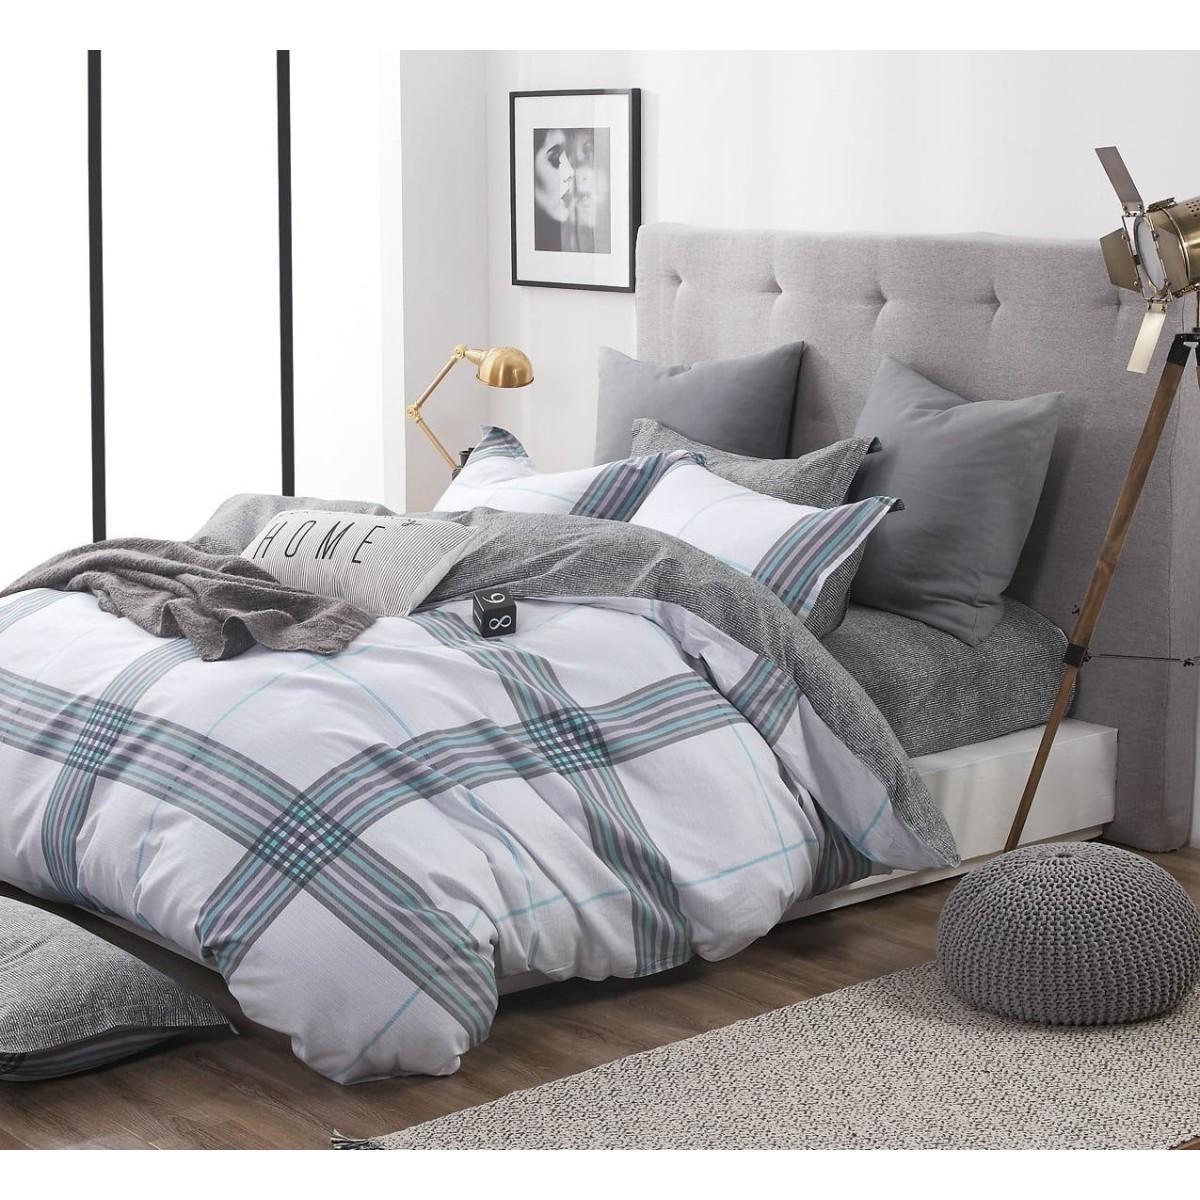 Комплект постельного белья 15-спальный Jardin 3420/855